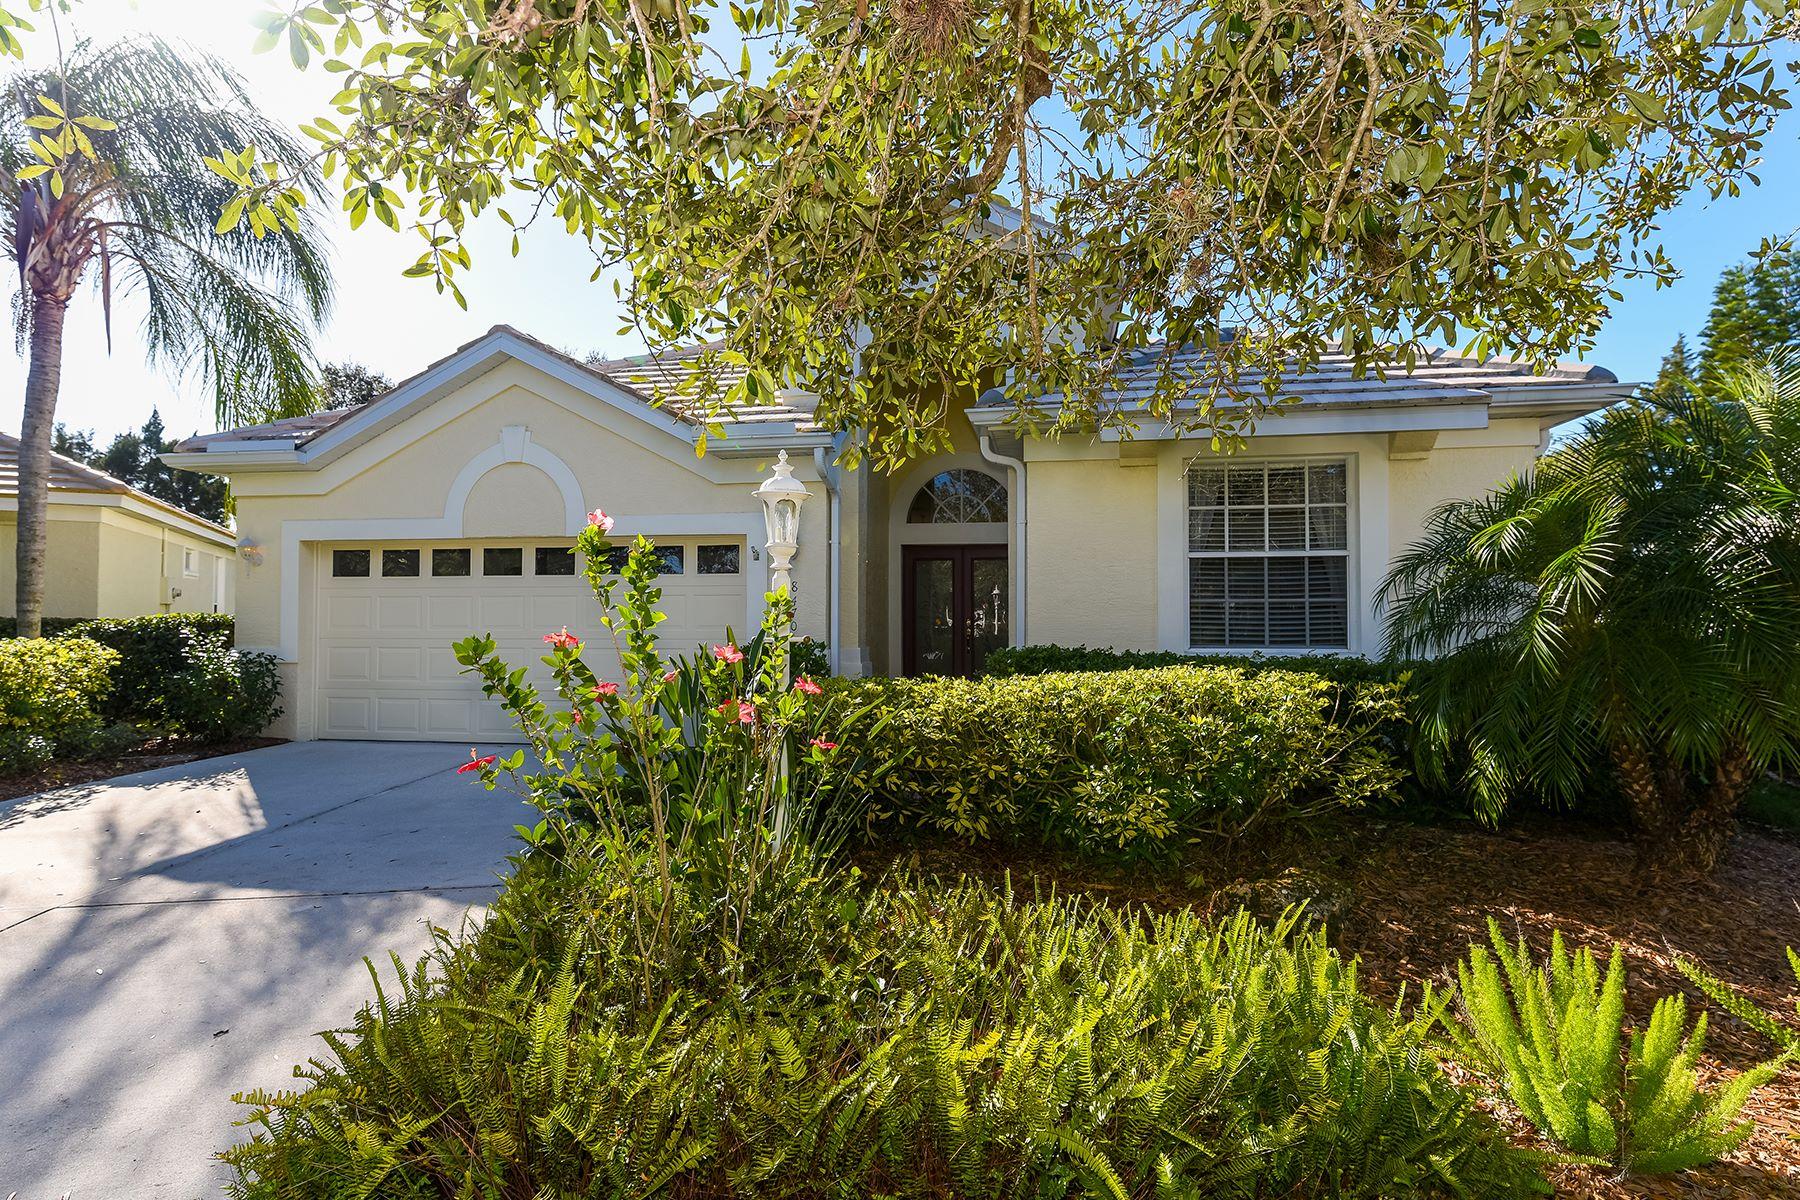 独户住宅 为 销售 在 EDGEWATER VILLAGE 8470 Idlewood Ct 莱克伍德牧场, 佛罗里达州, 34202 美国